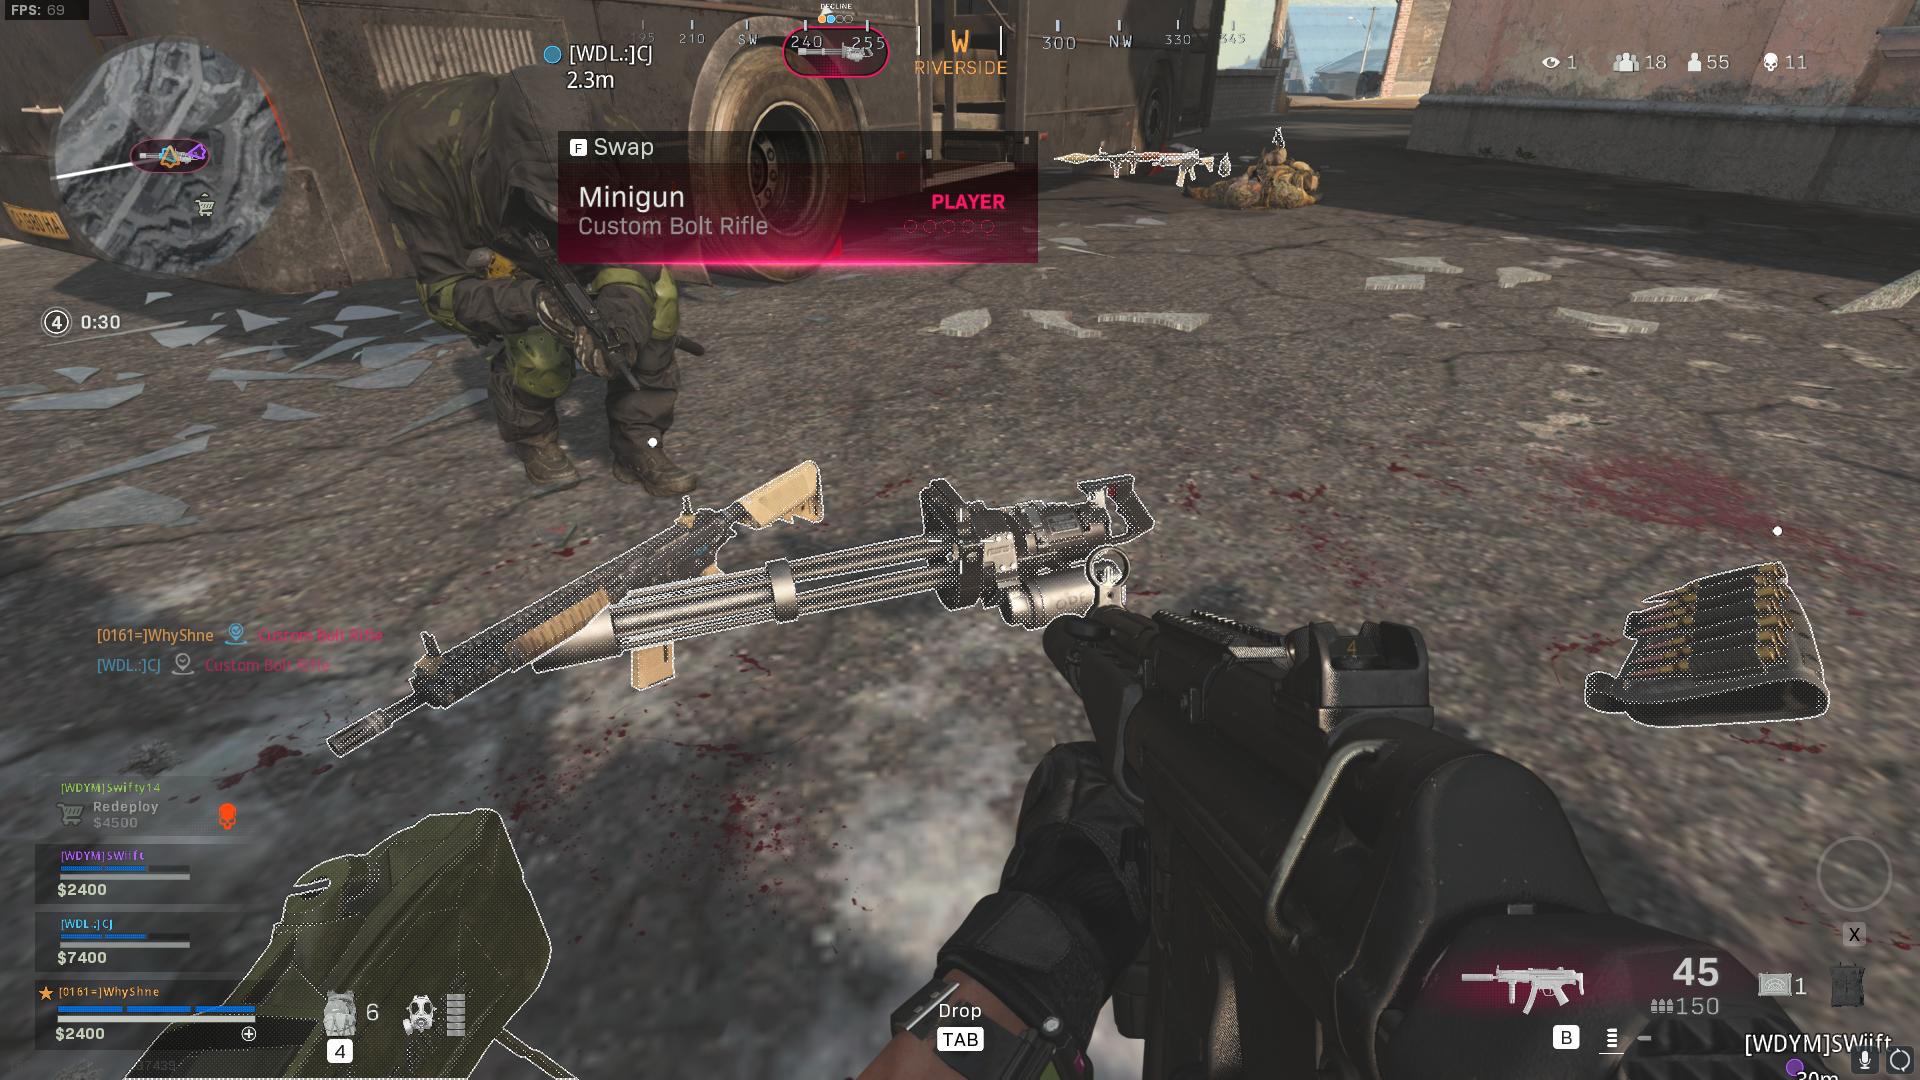 Minigun in Warzone.